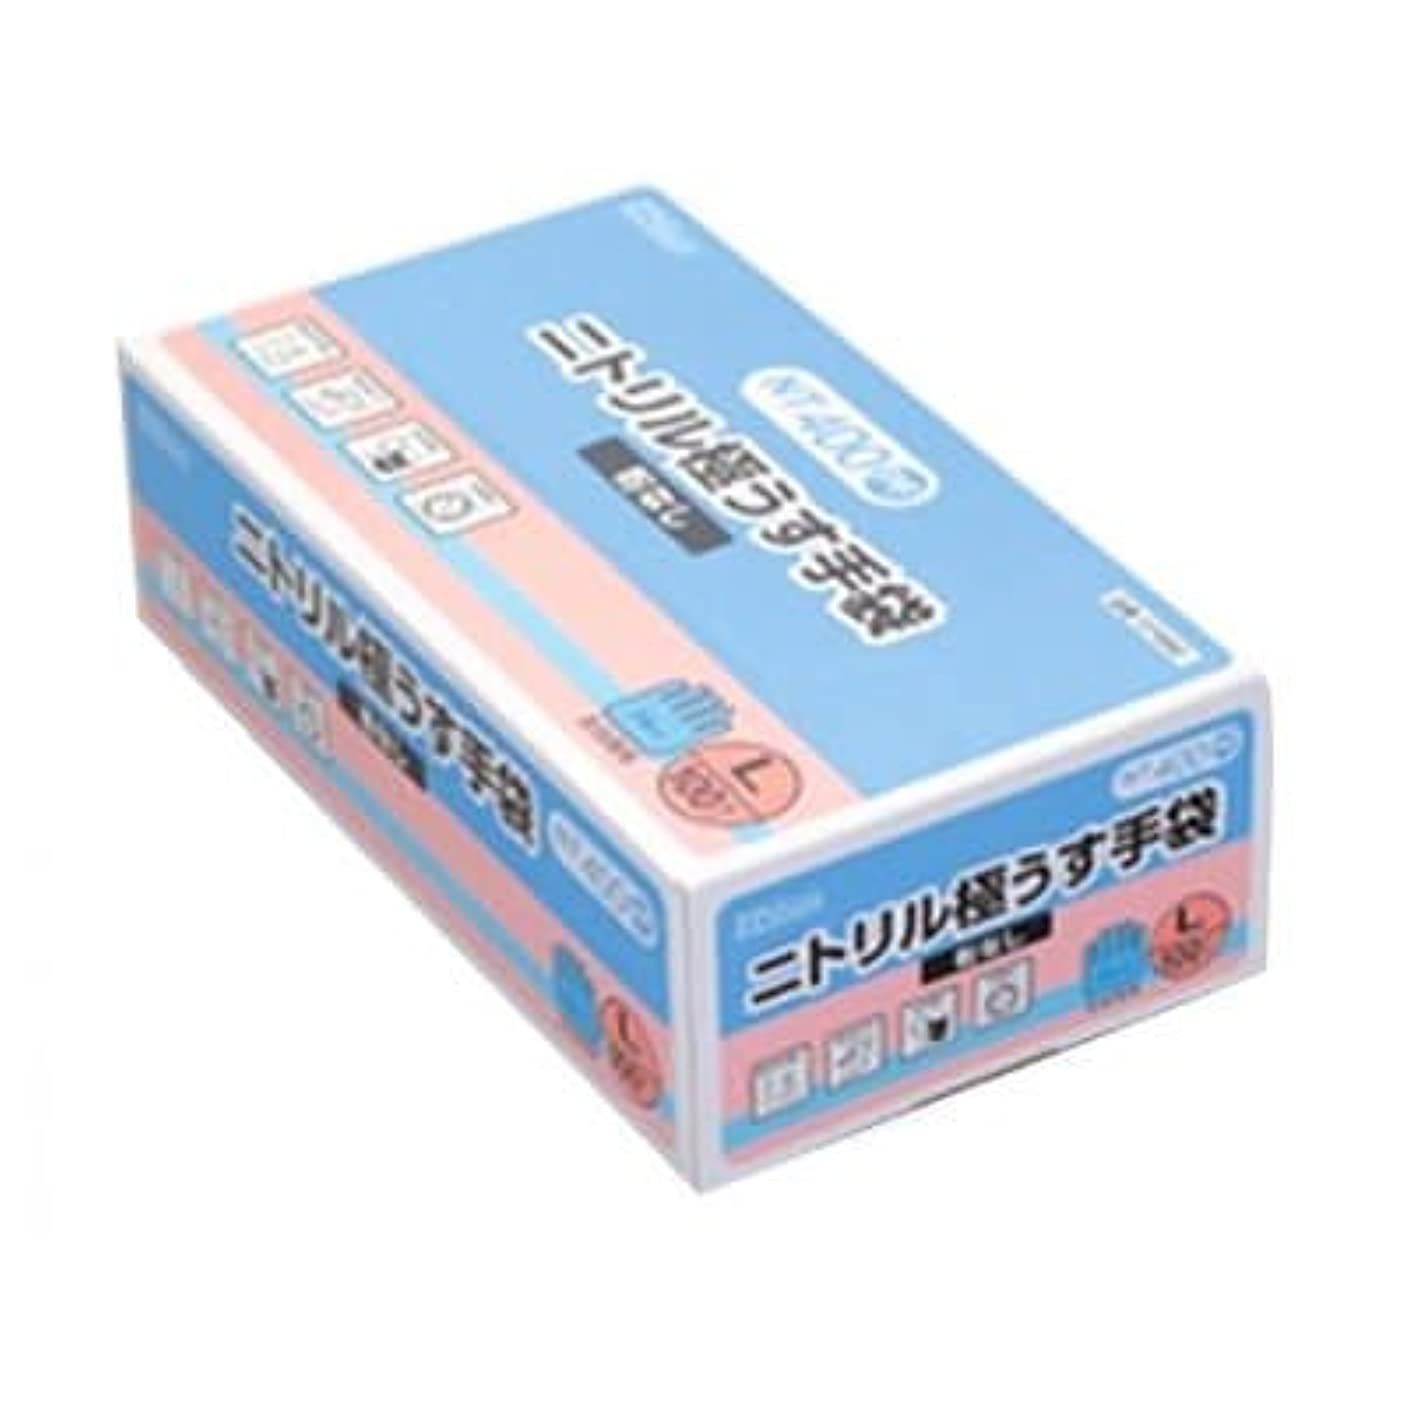 真っ逆さま放射する調和【ケース販売】 ダンロップ ニトリル極うす手袋 粉無 L ブルー NT-400 (100枚入×20箱)